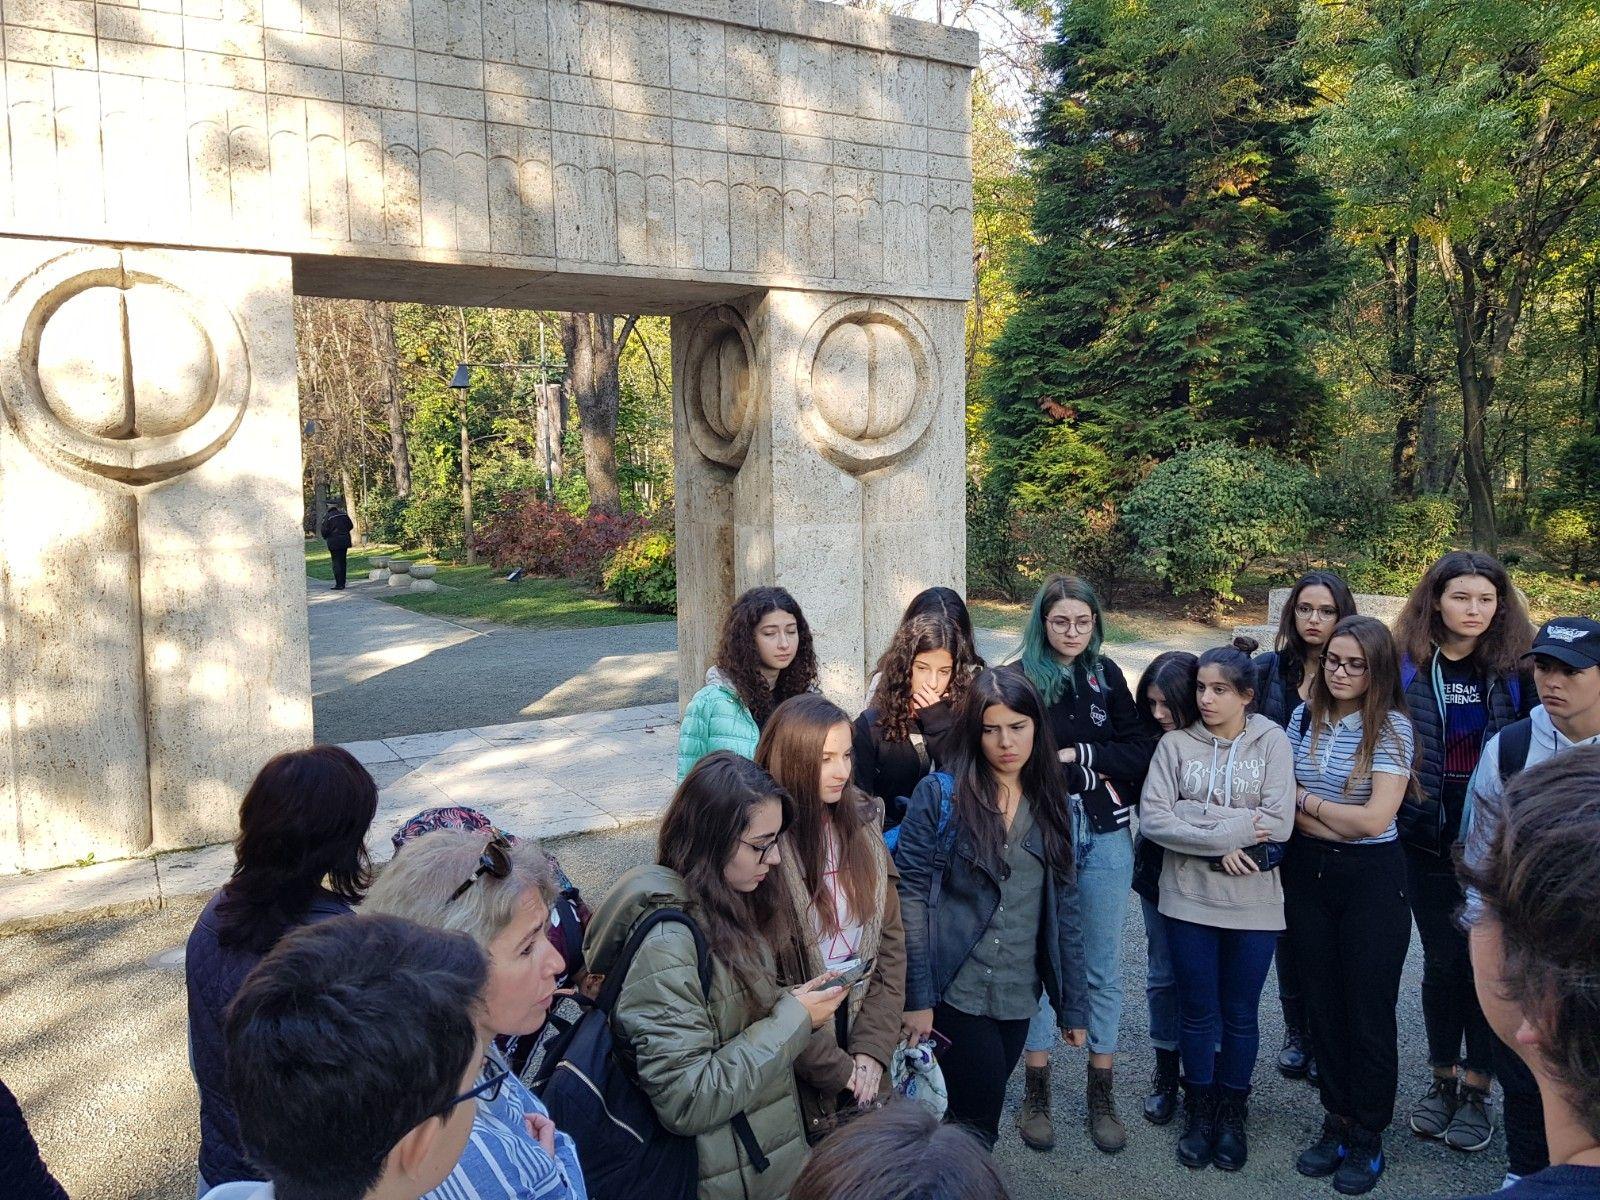 Visite de l'ensemble sculptural de Constantin Brancusi – Targu-Jiu